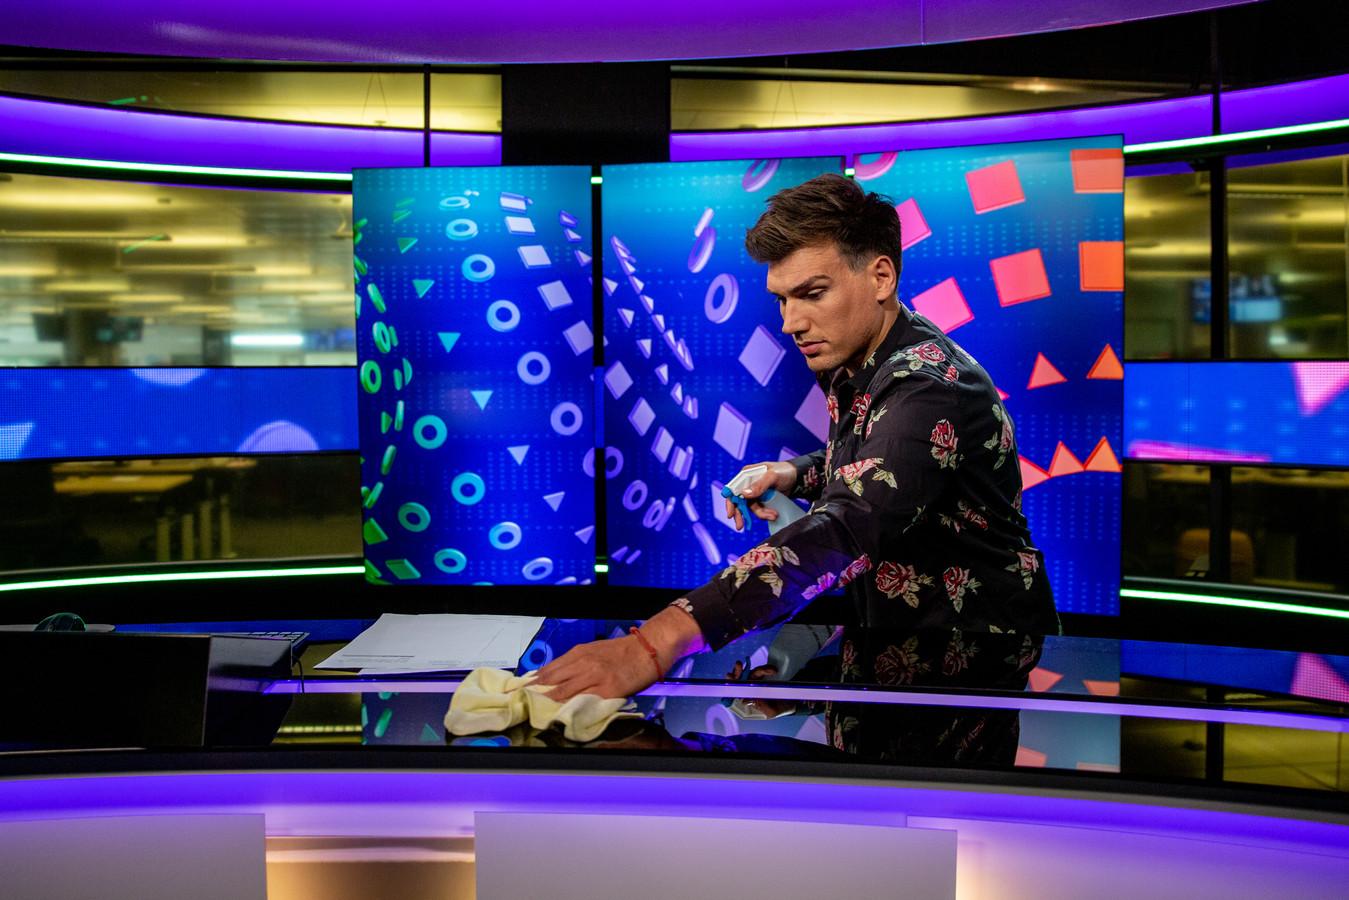 Op het mediapark kijken we mee met het Jeugdjournaal. Hoe maken ze in deze coronatijd nog een uitzending? Dit is presentator Lucas van de Meerendonk. Voor en na de opnames moet hij de desk zelf desinfecteren.